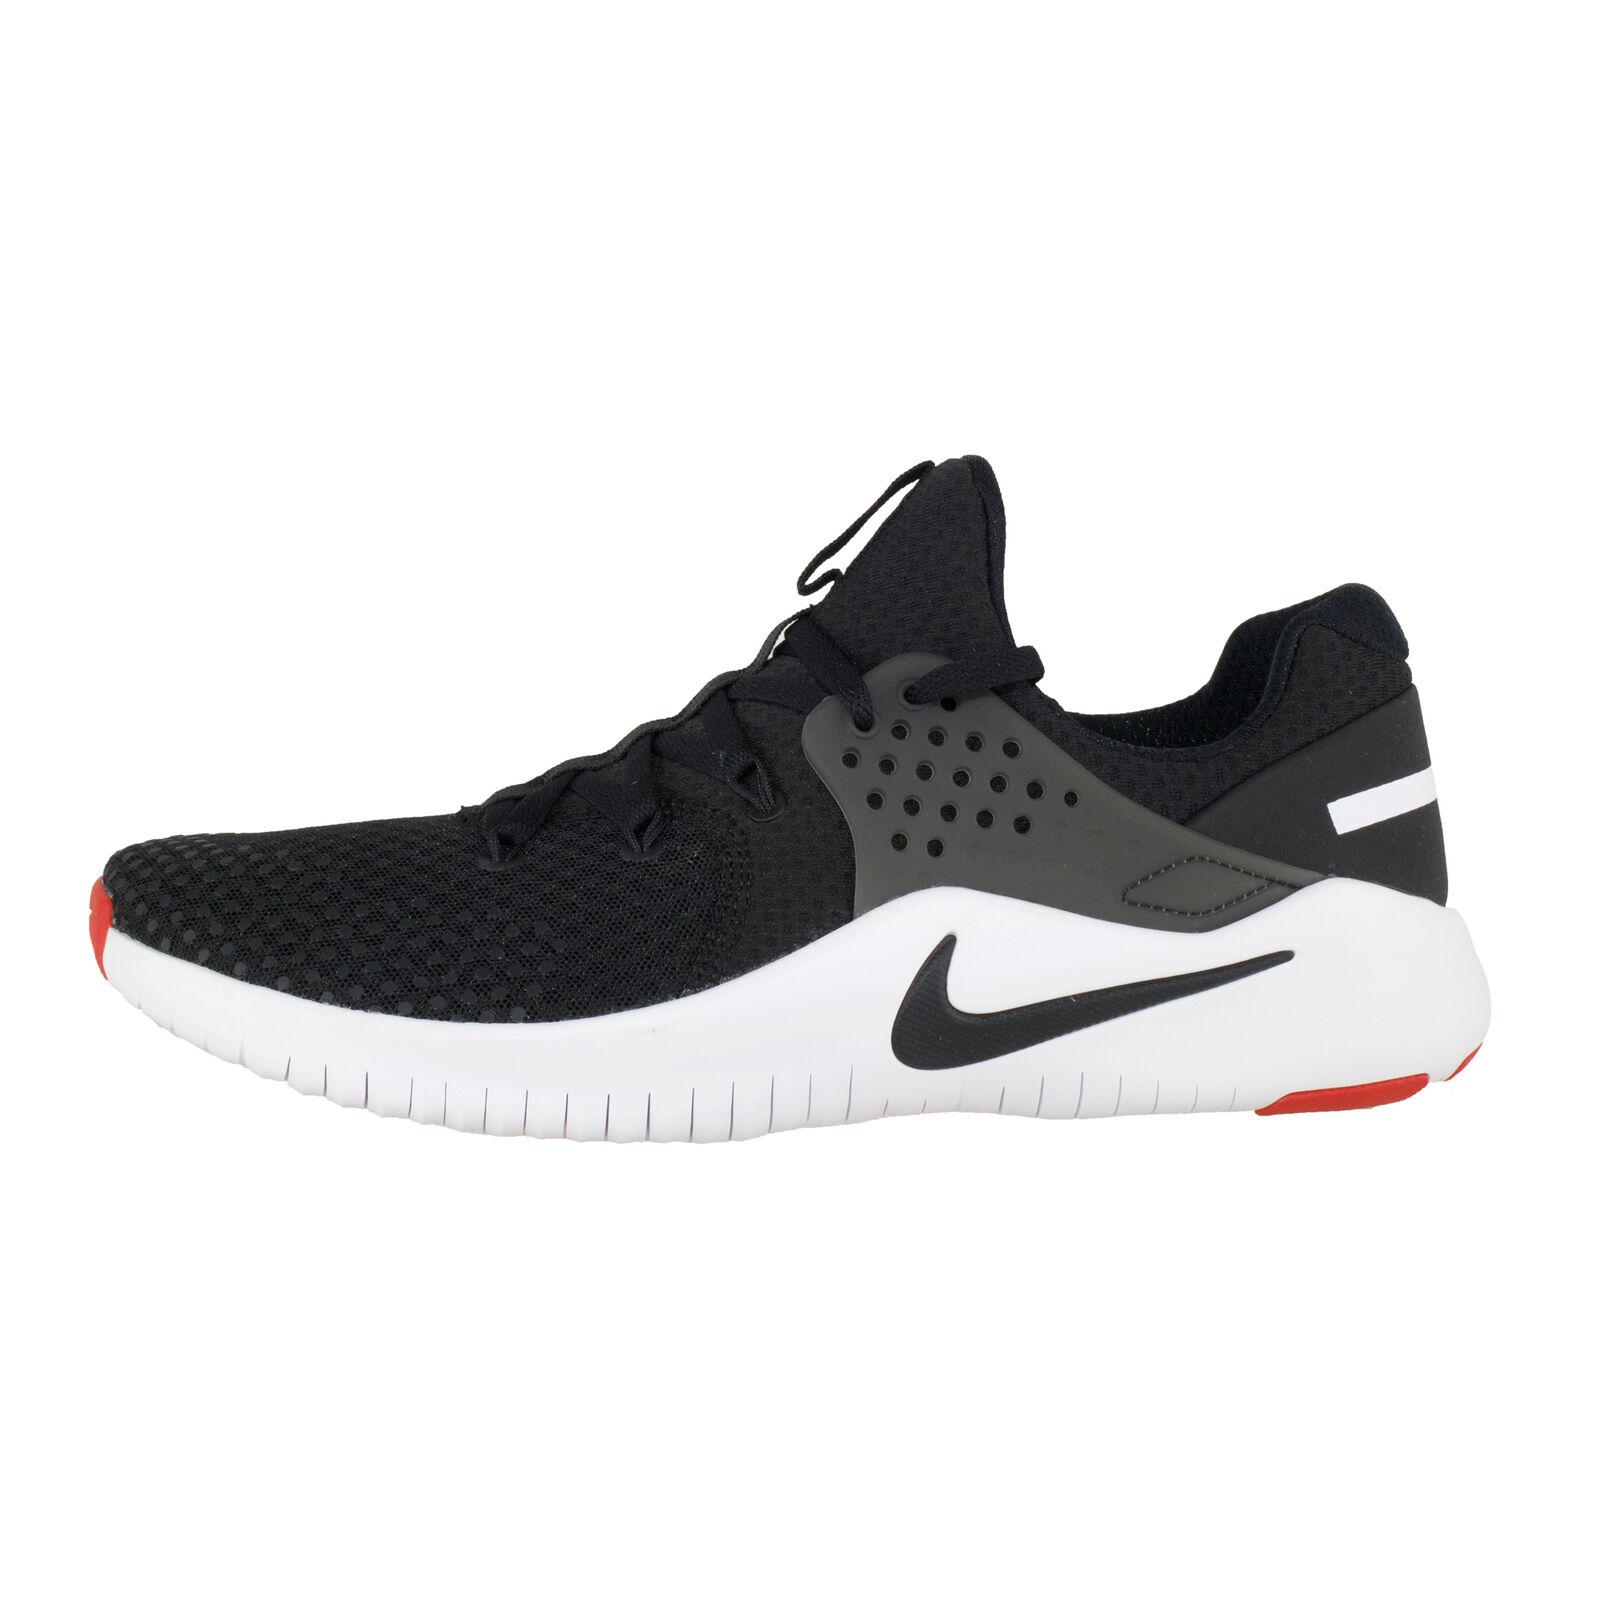 Nike Free TR V8 Training Shoes